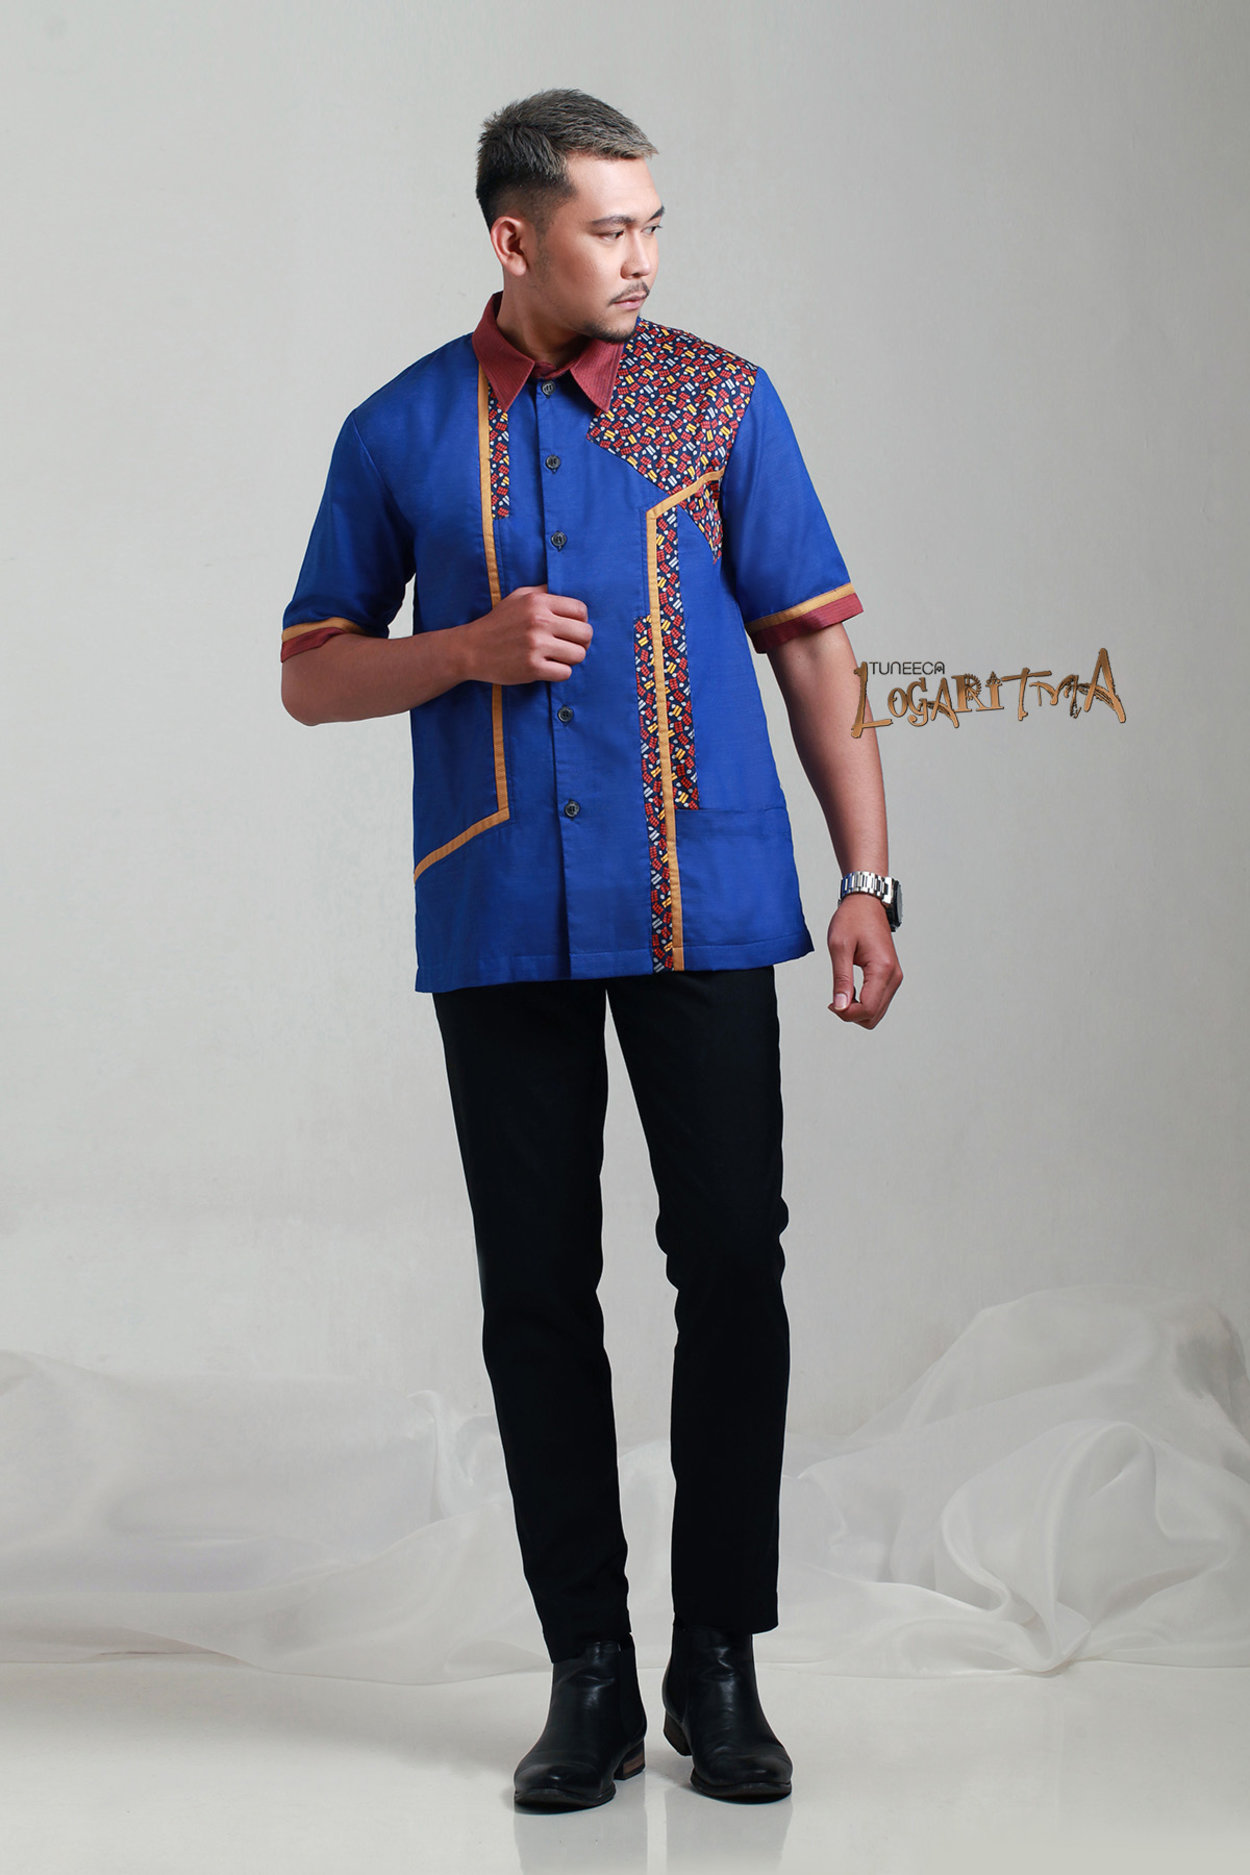 A Polite Man T 0417043 Baju Koko Mens Wear Logaritma Tuneeca Modern 11